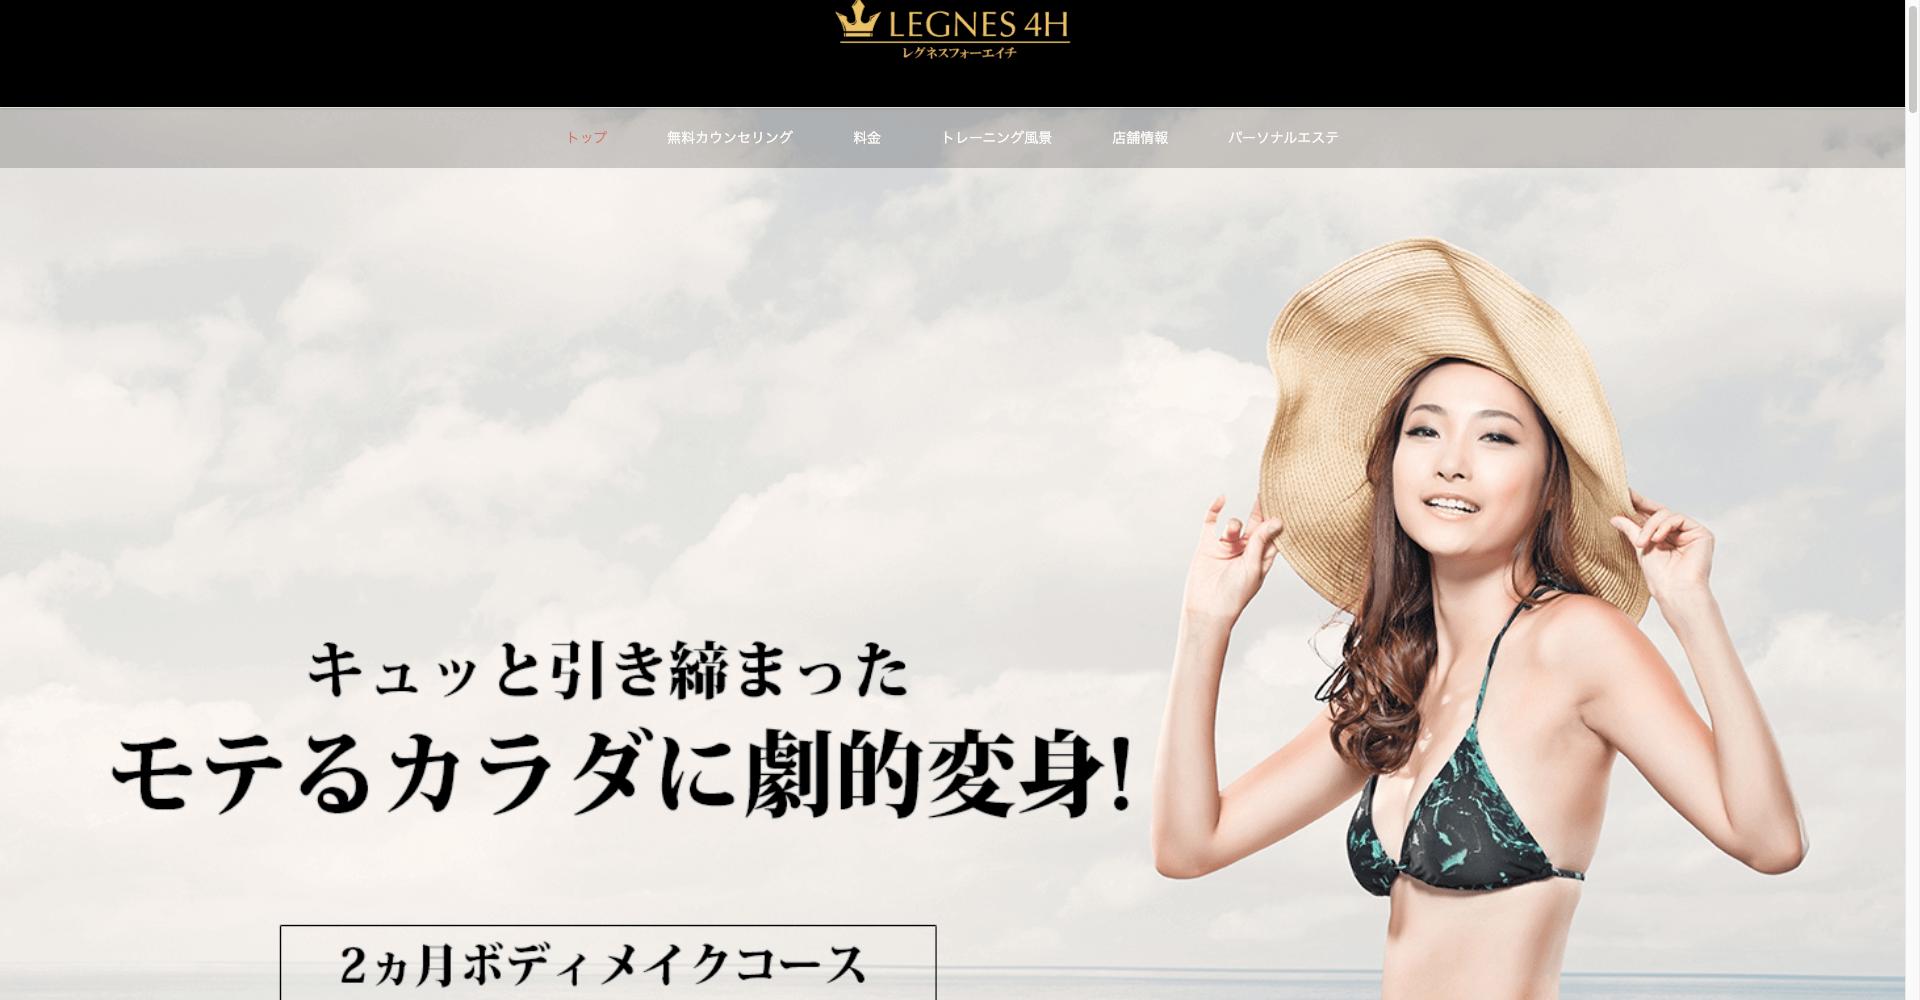 Legnes4H 新潟弁天橋店